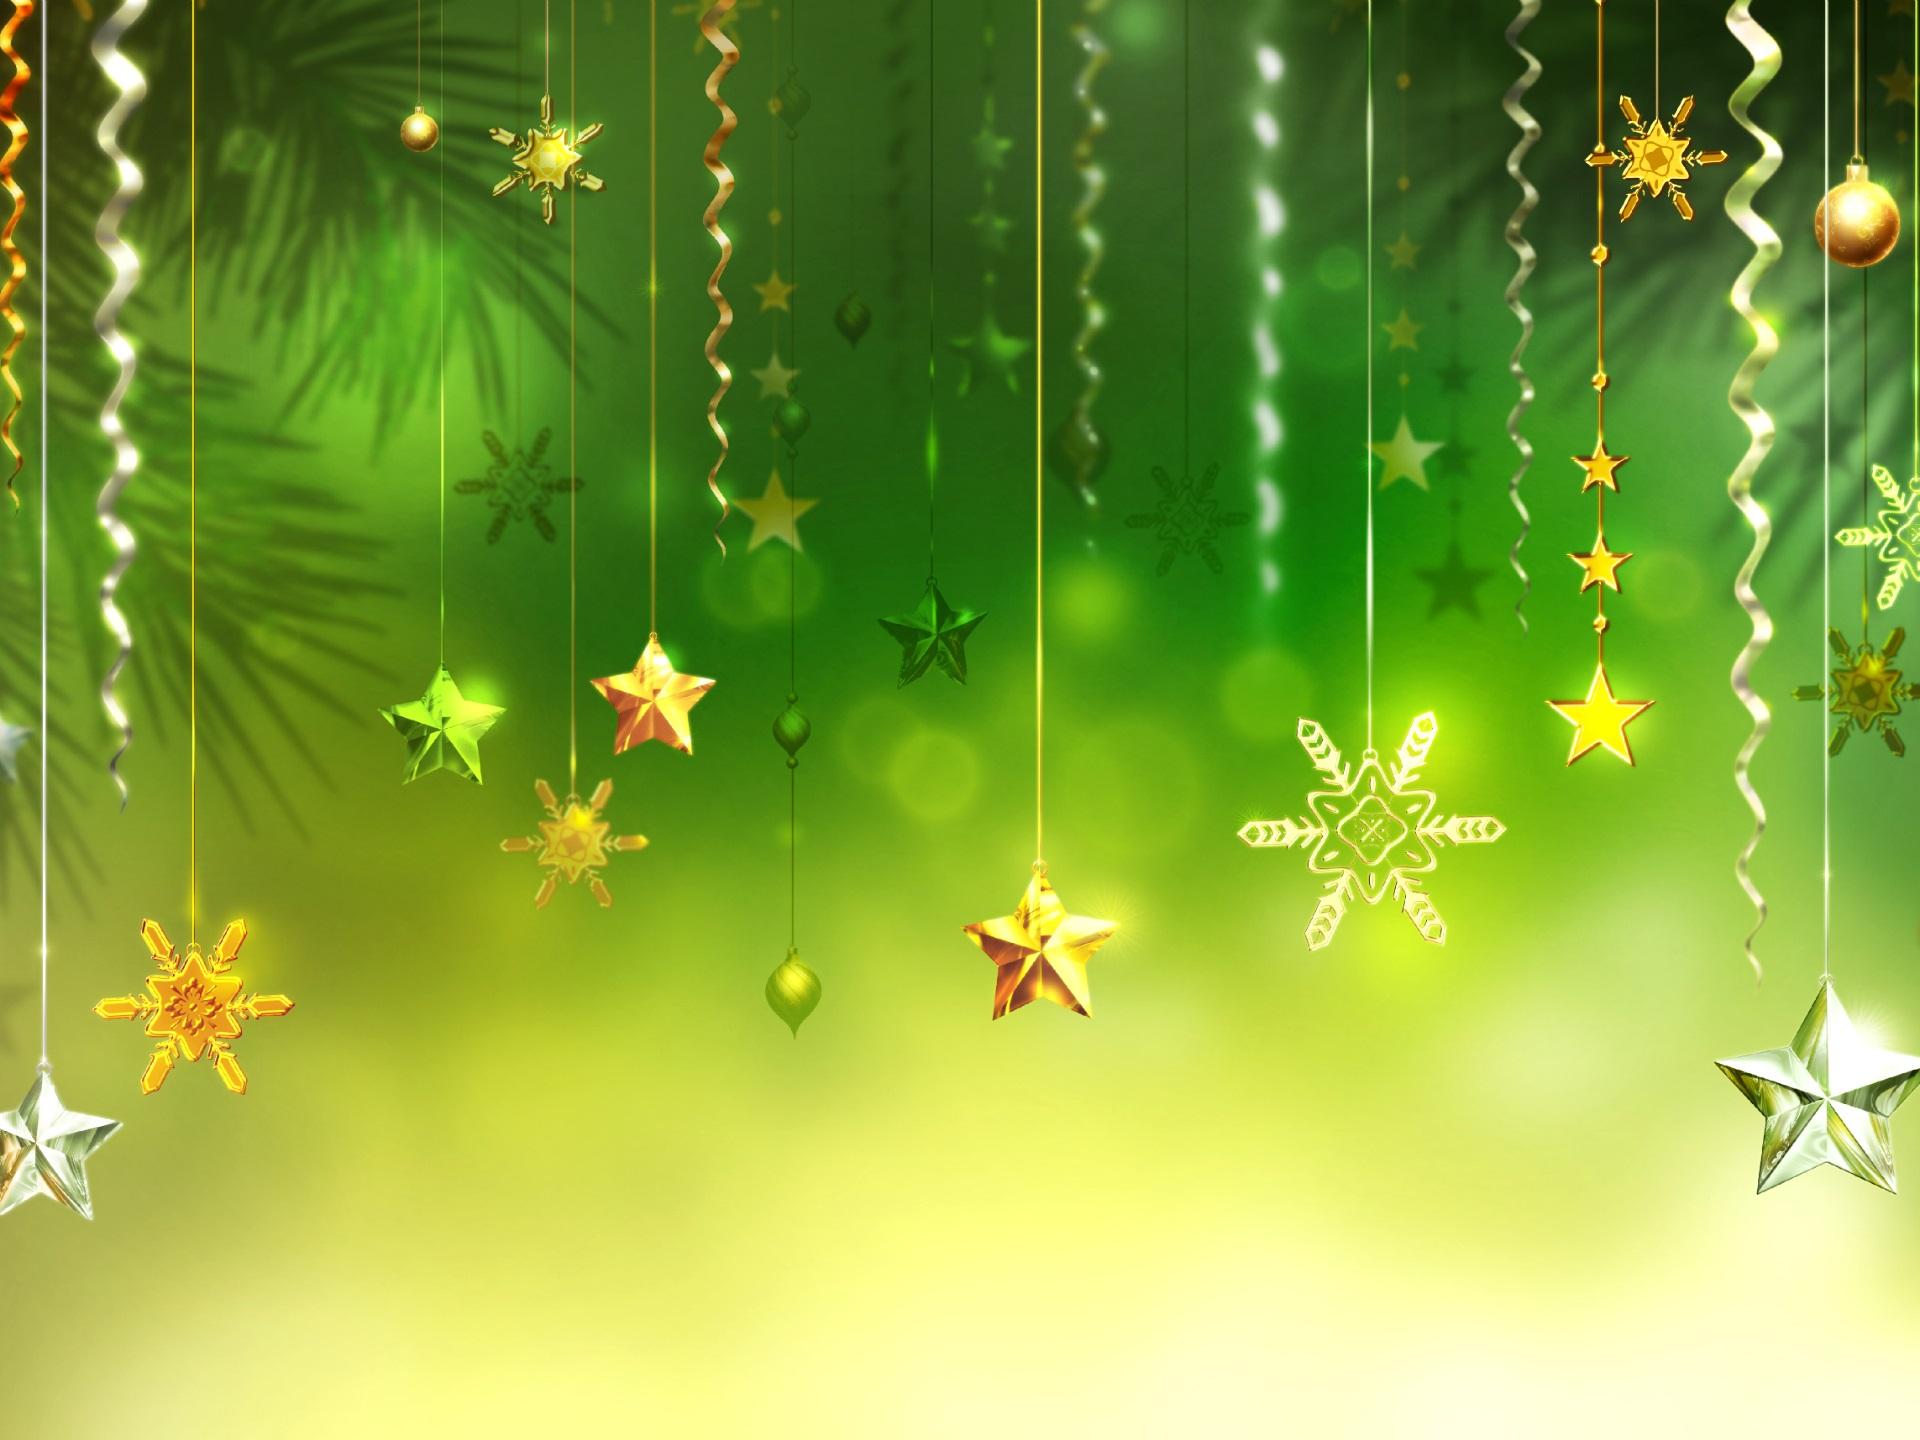 Месяцами, картинки фон новый год